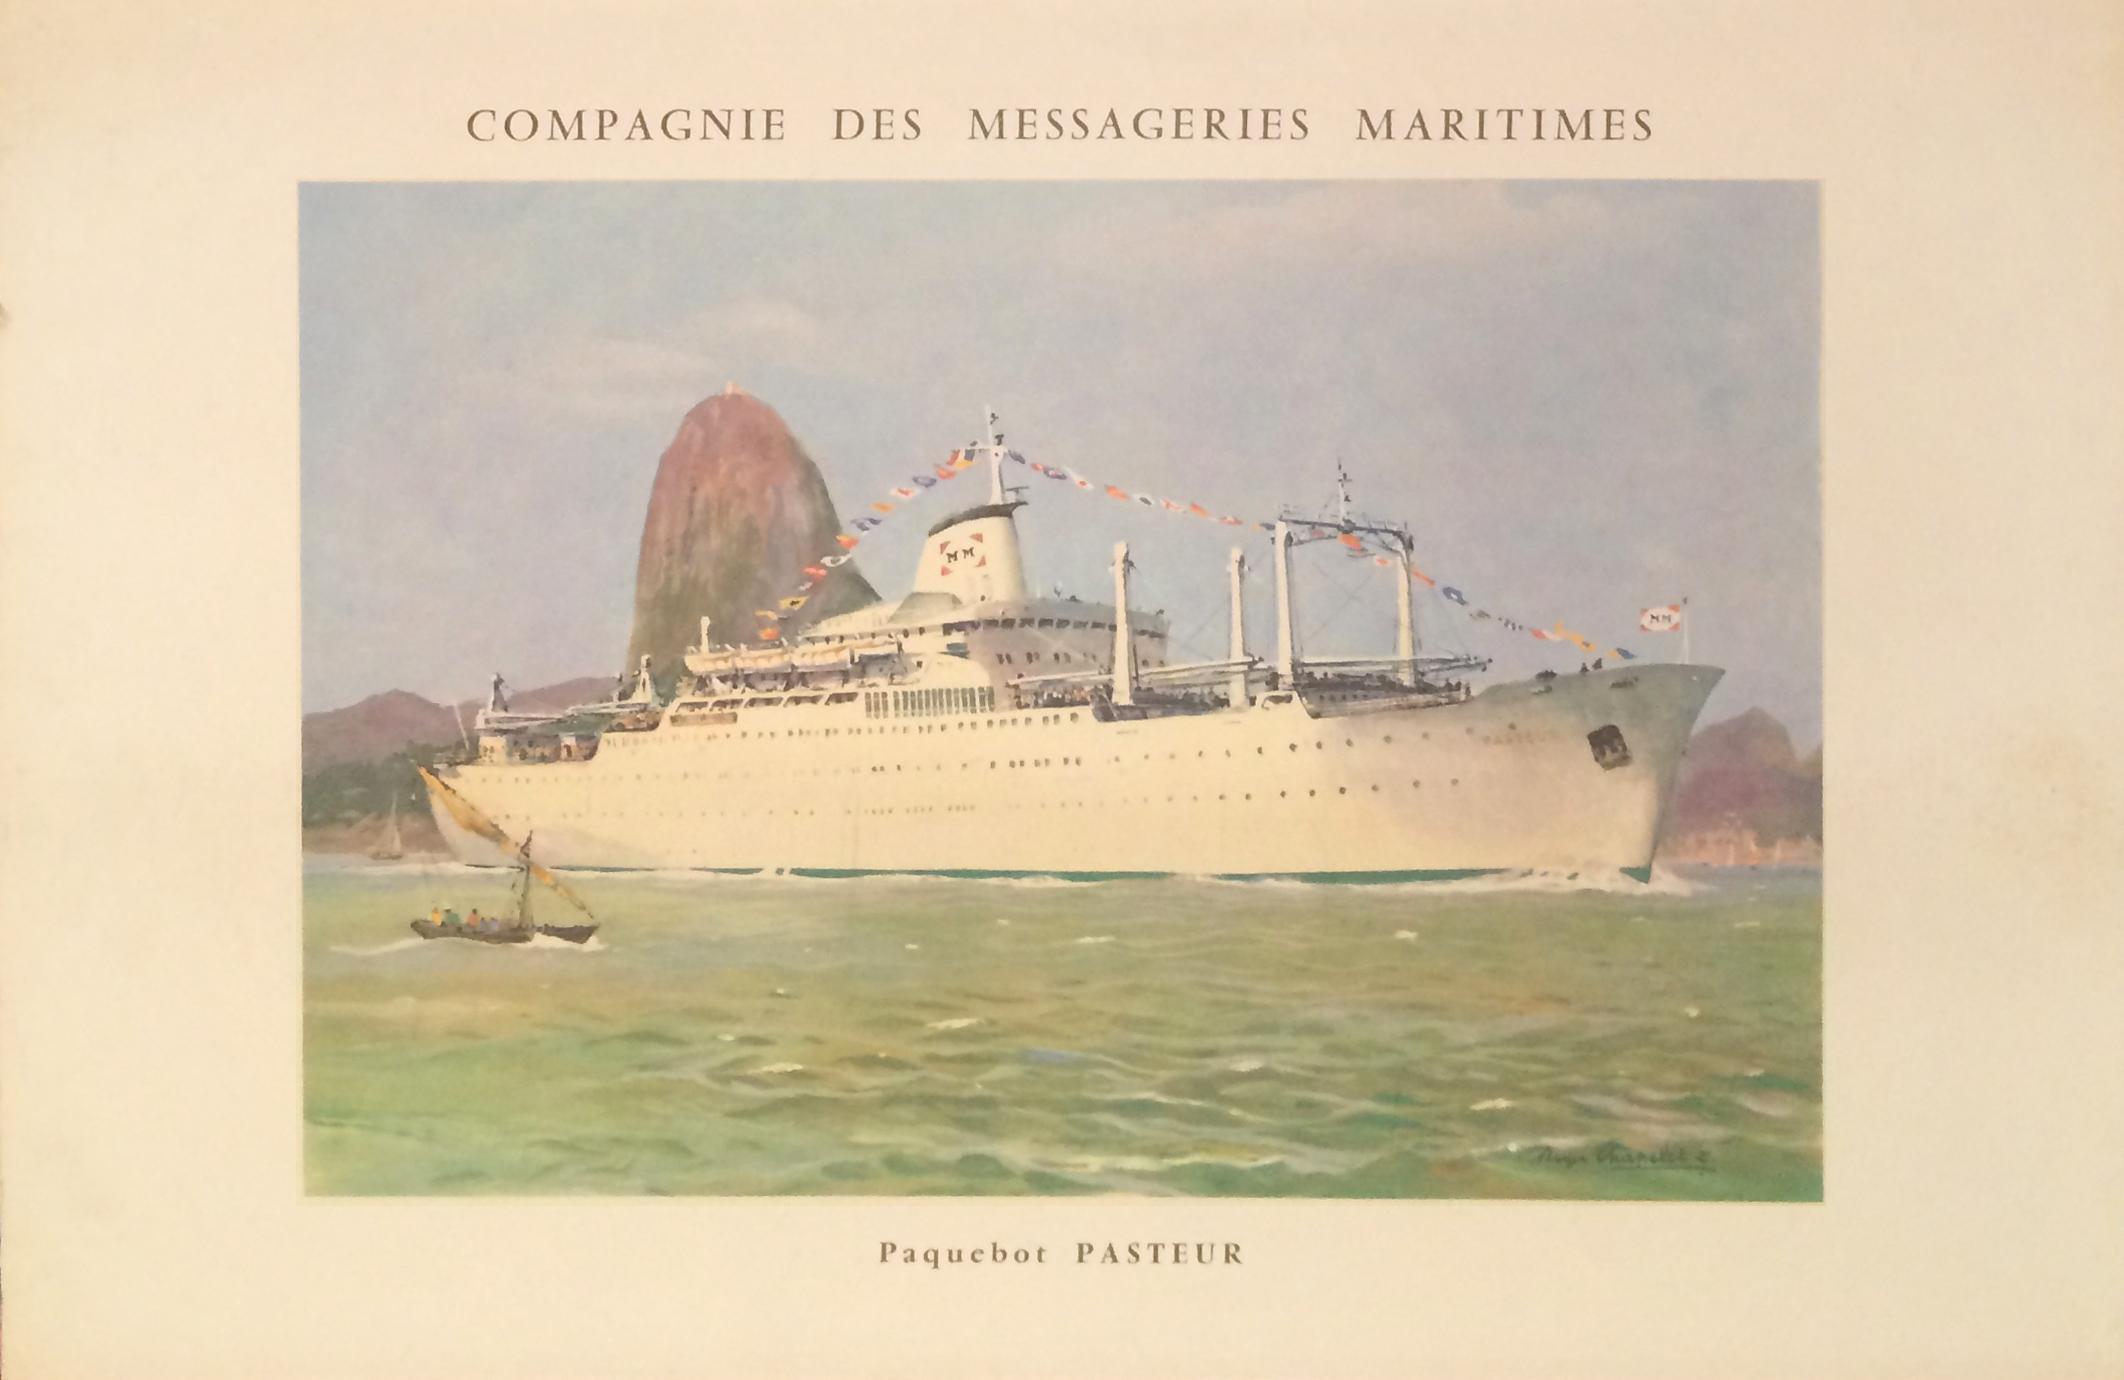 Compagnie Messageries Maritimes - Pasteur